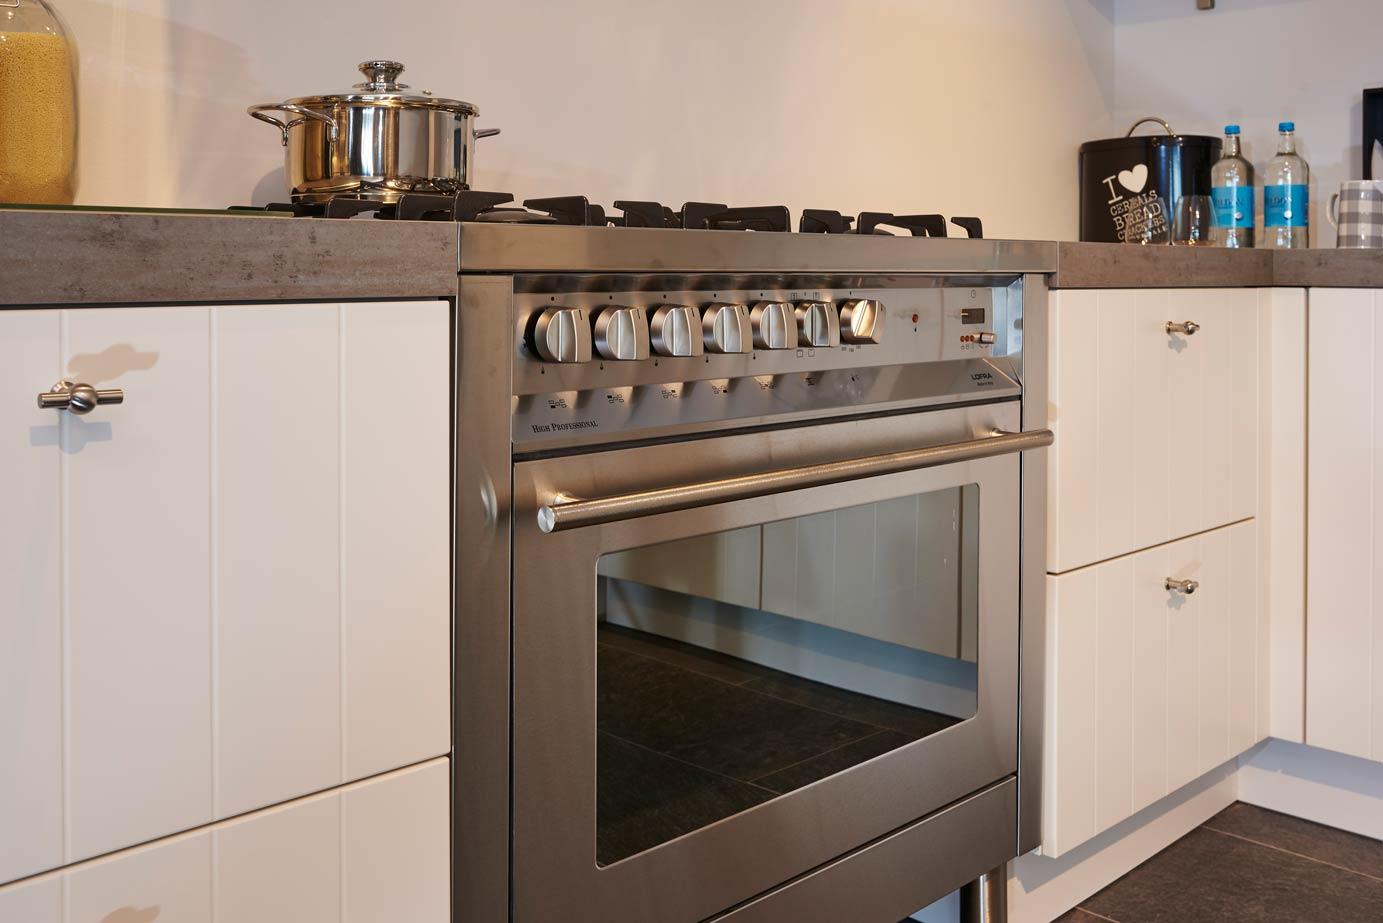 Keuken idee n oude keuken schilderen stappenplan u originele ideen - Keuken originele keuken ...